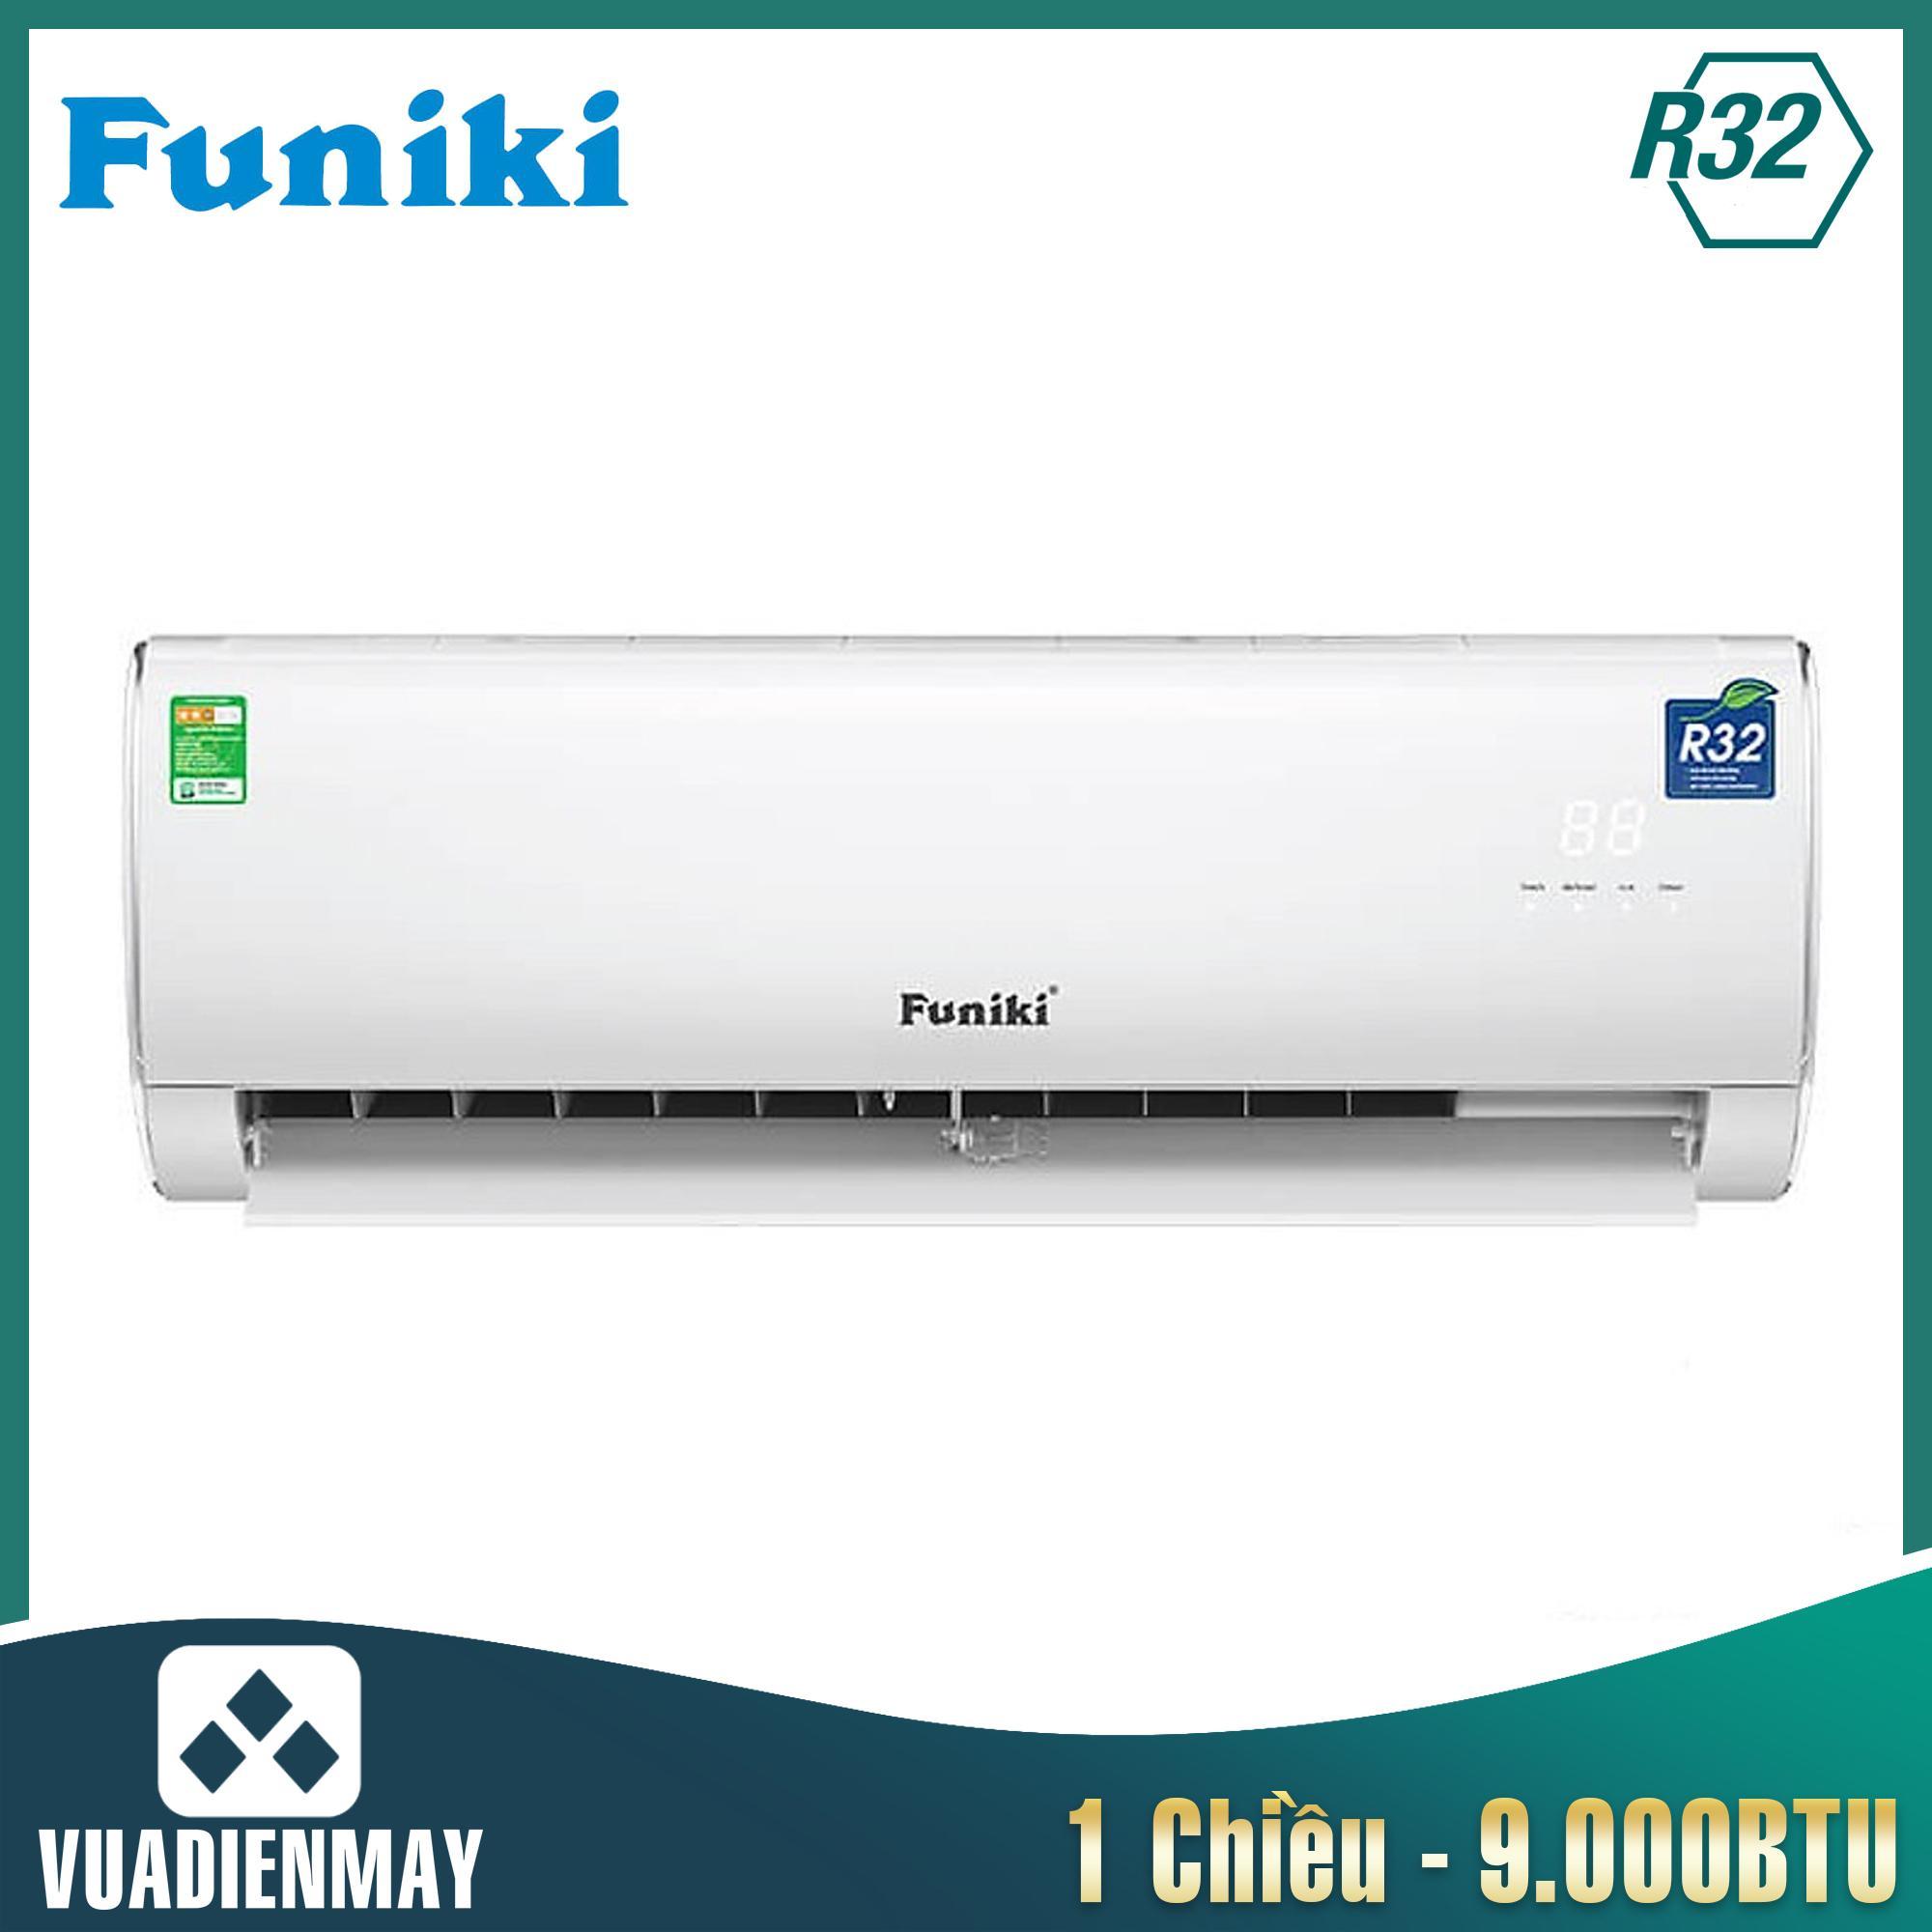 HSC09MMC, Điều hòa Funiki 9000BTU 1 chiều gas R32